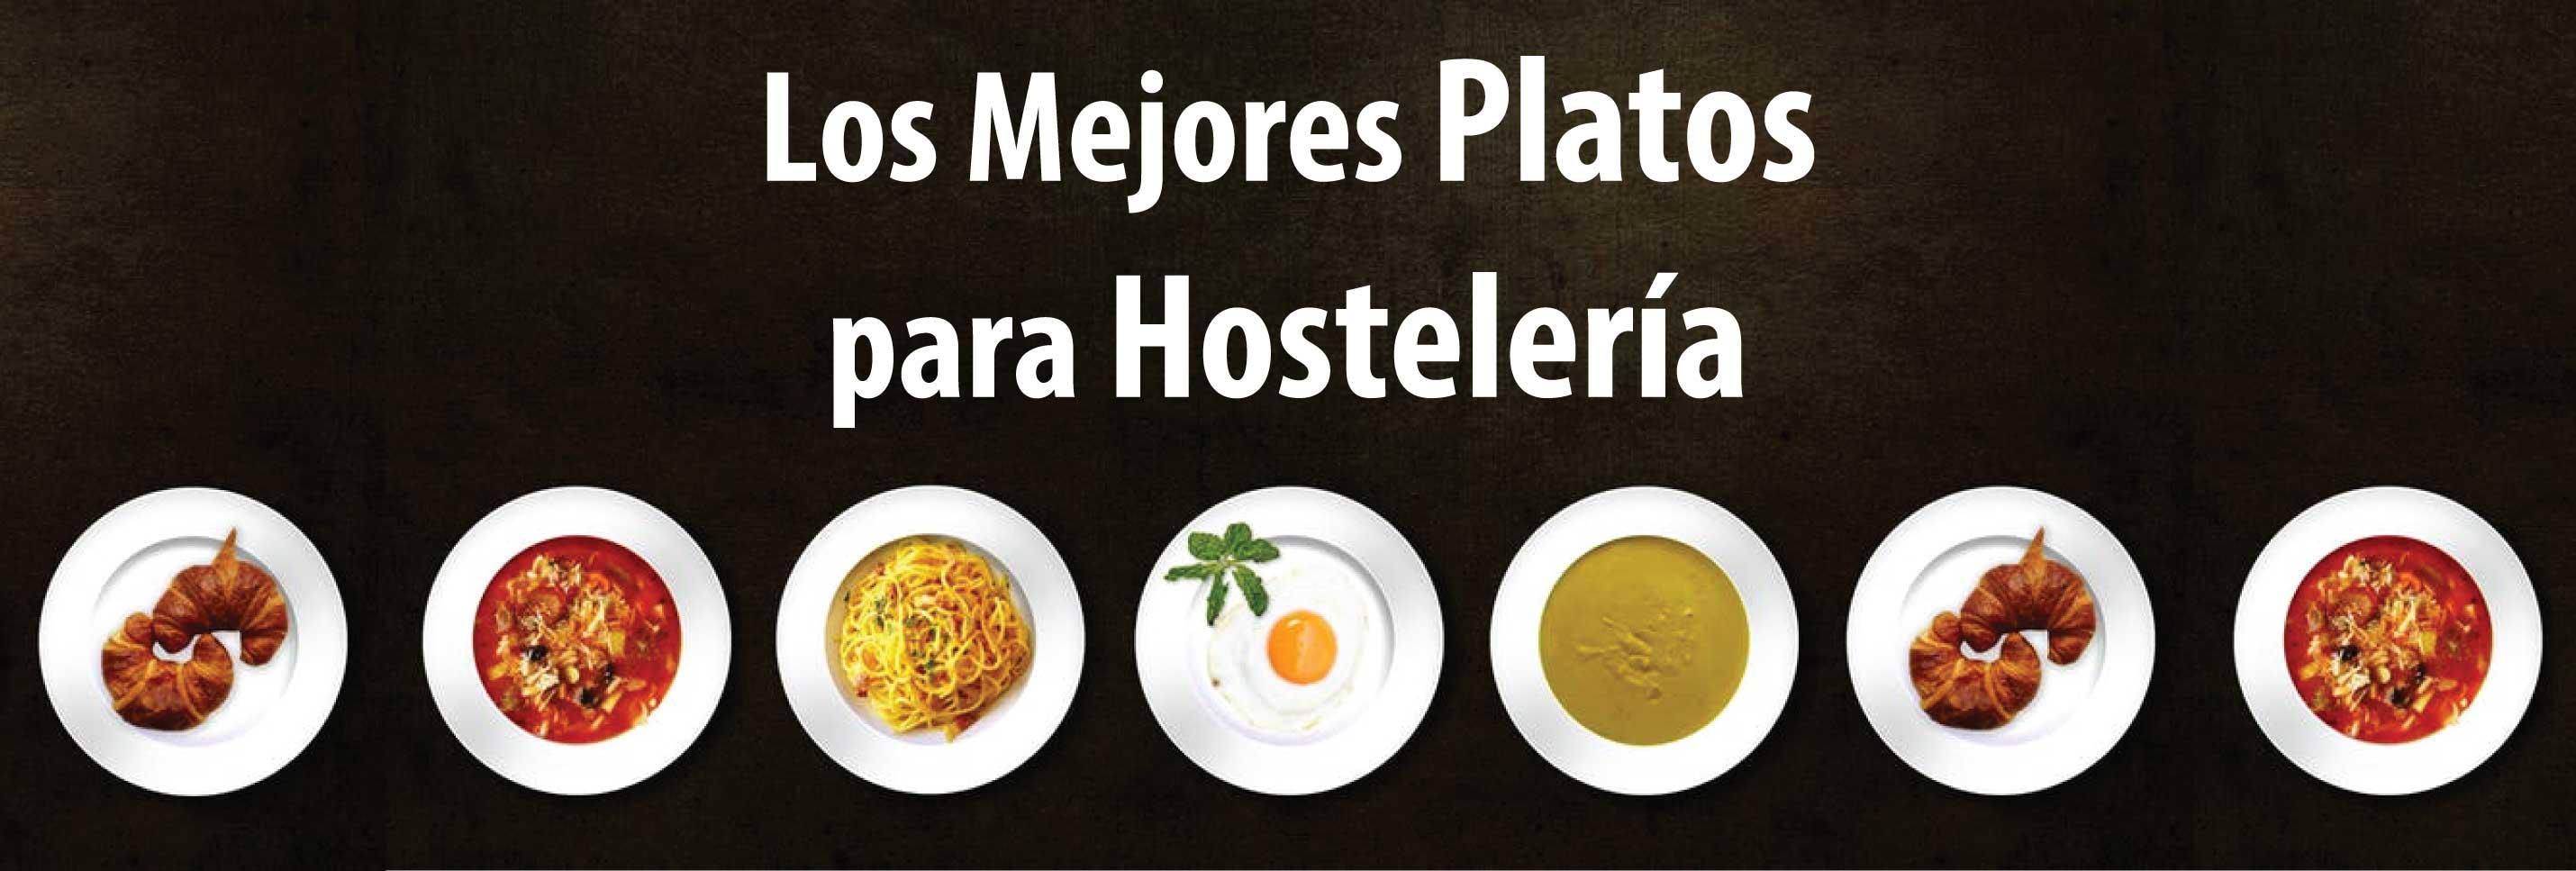 Platos para Hostelería